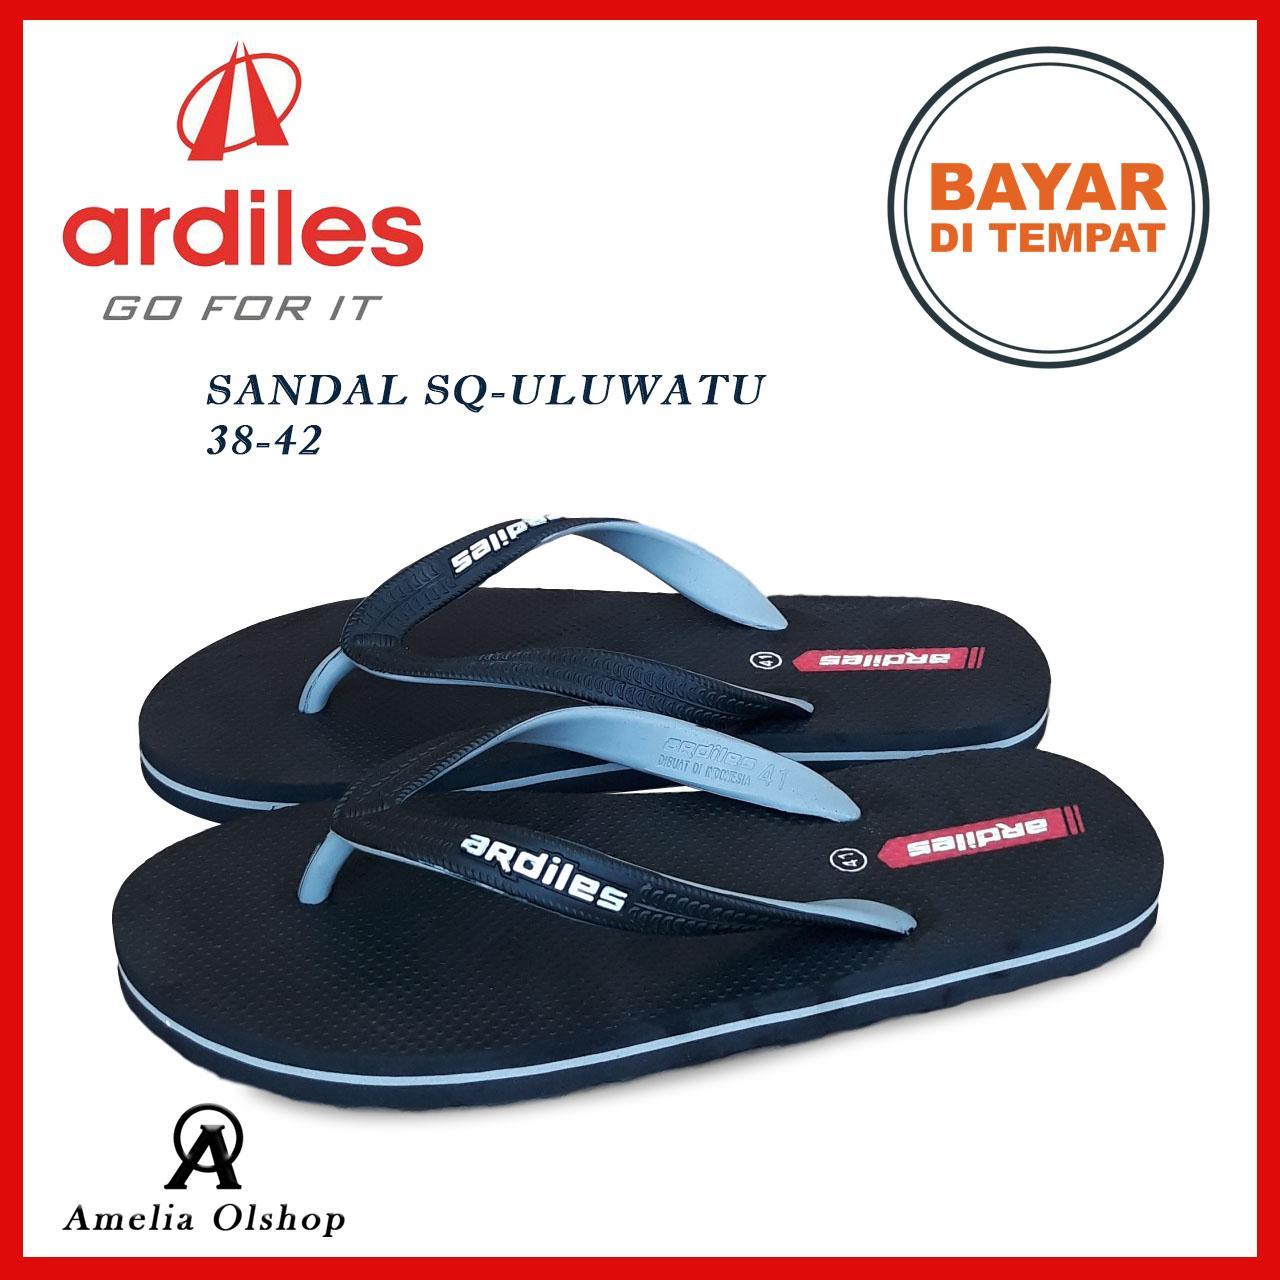 Amelia Olshop - Sandal Jepit SR ULUWATU 38-42 / Sandal jepit pria/ Sandal Pria / Sandal jepit cowok / Sandal cowok / Sendal cowok